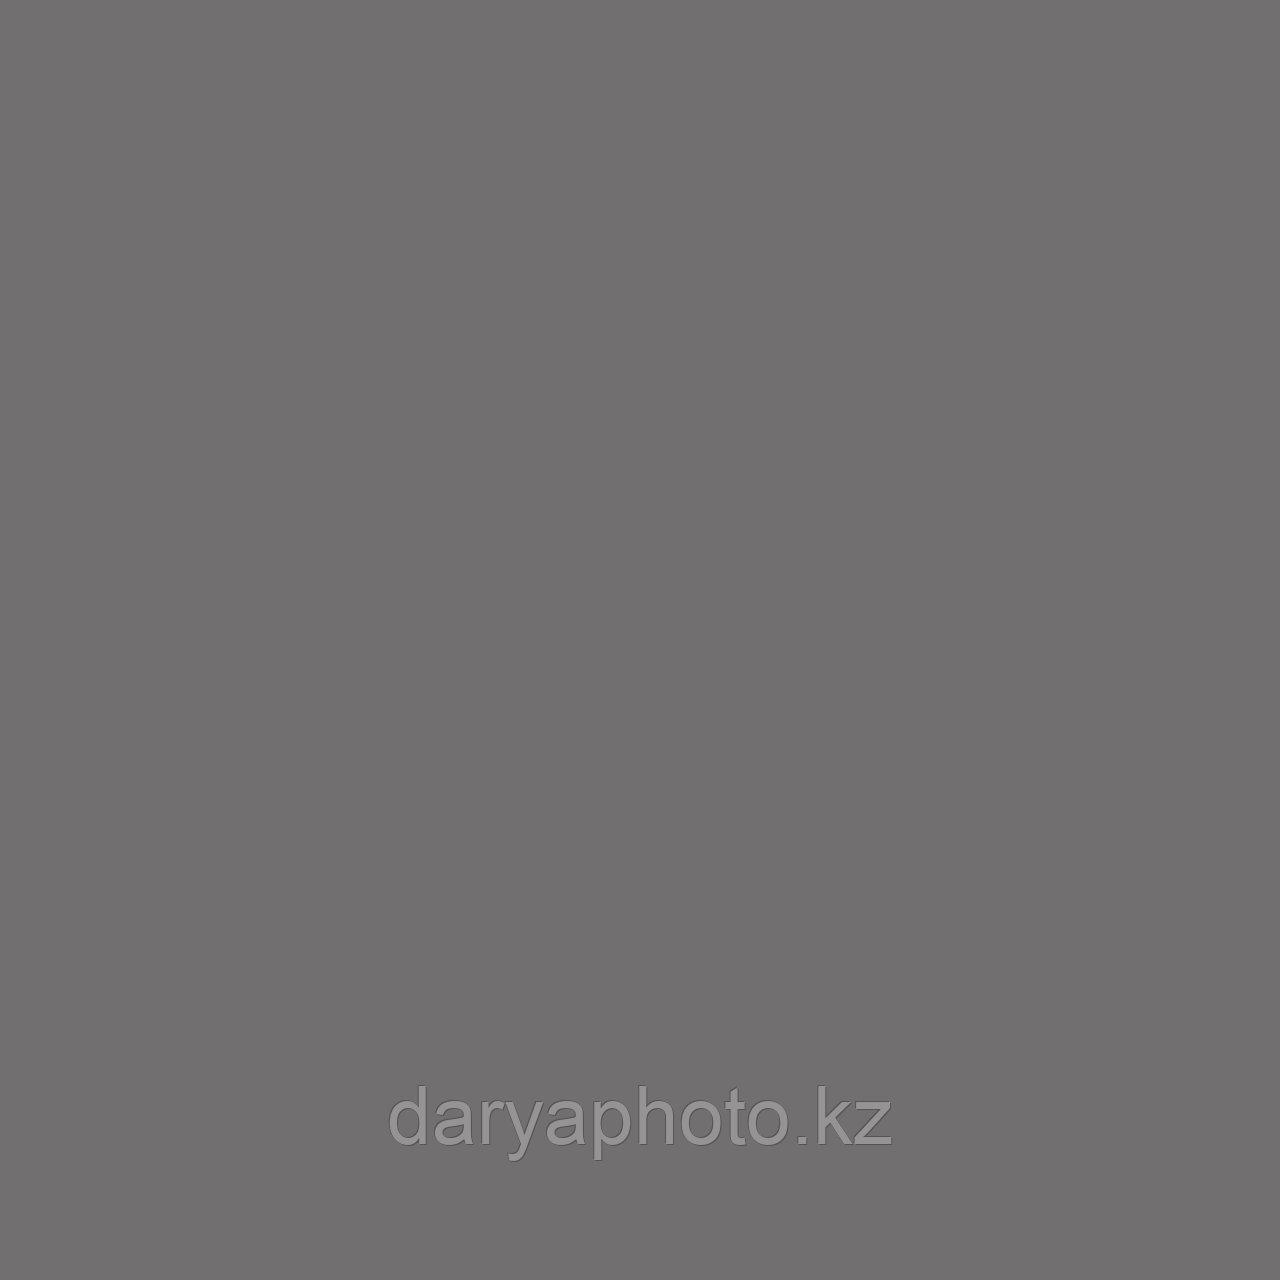 Серый Фон бумажный. Фотофон. Фон для фотостудии